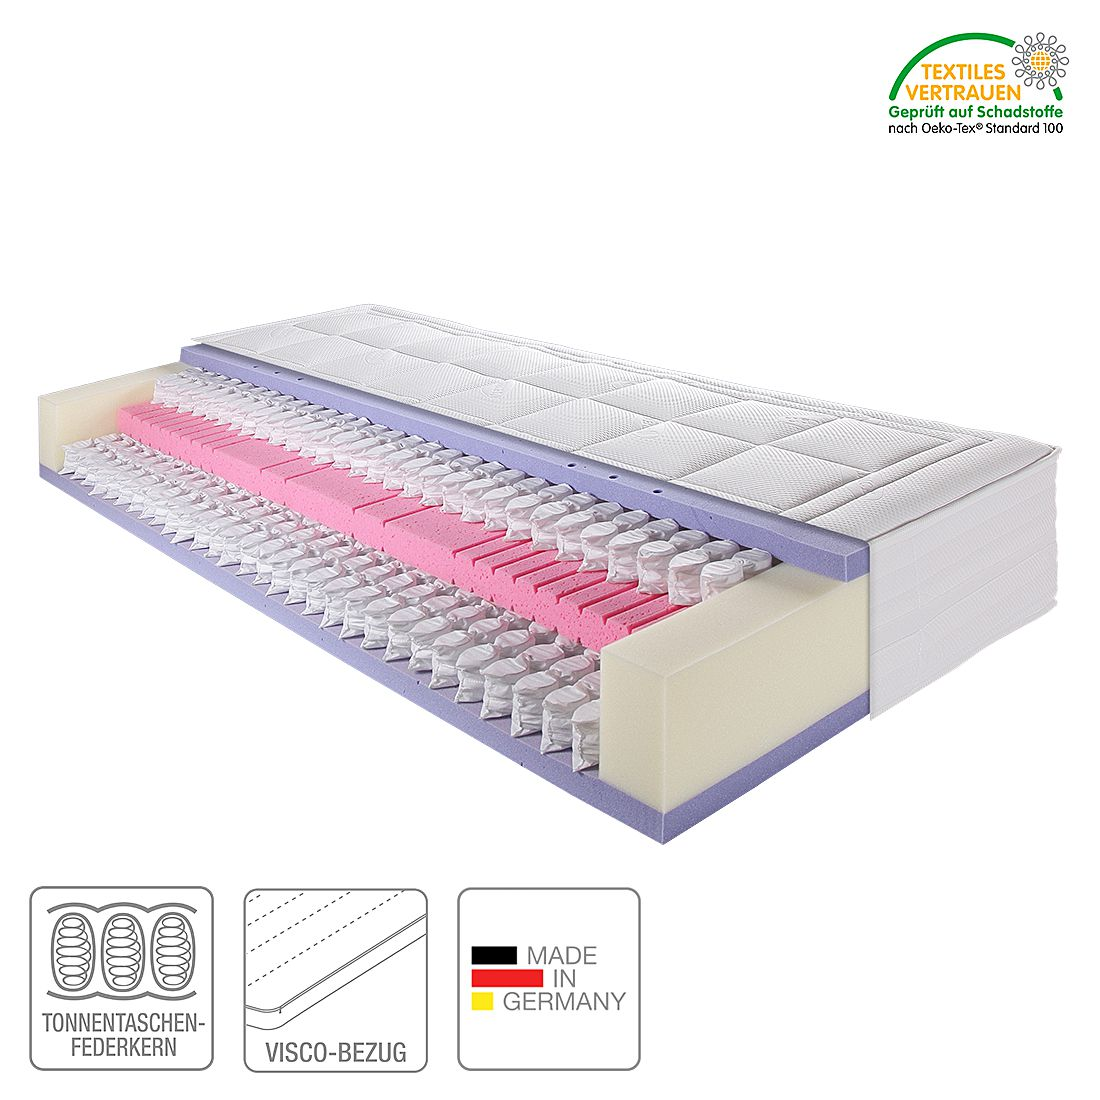 7 Zonen Komfortmatratze BigLine 3000 Gi – 120 x 200cm, Breckle günstig online kaufen